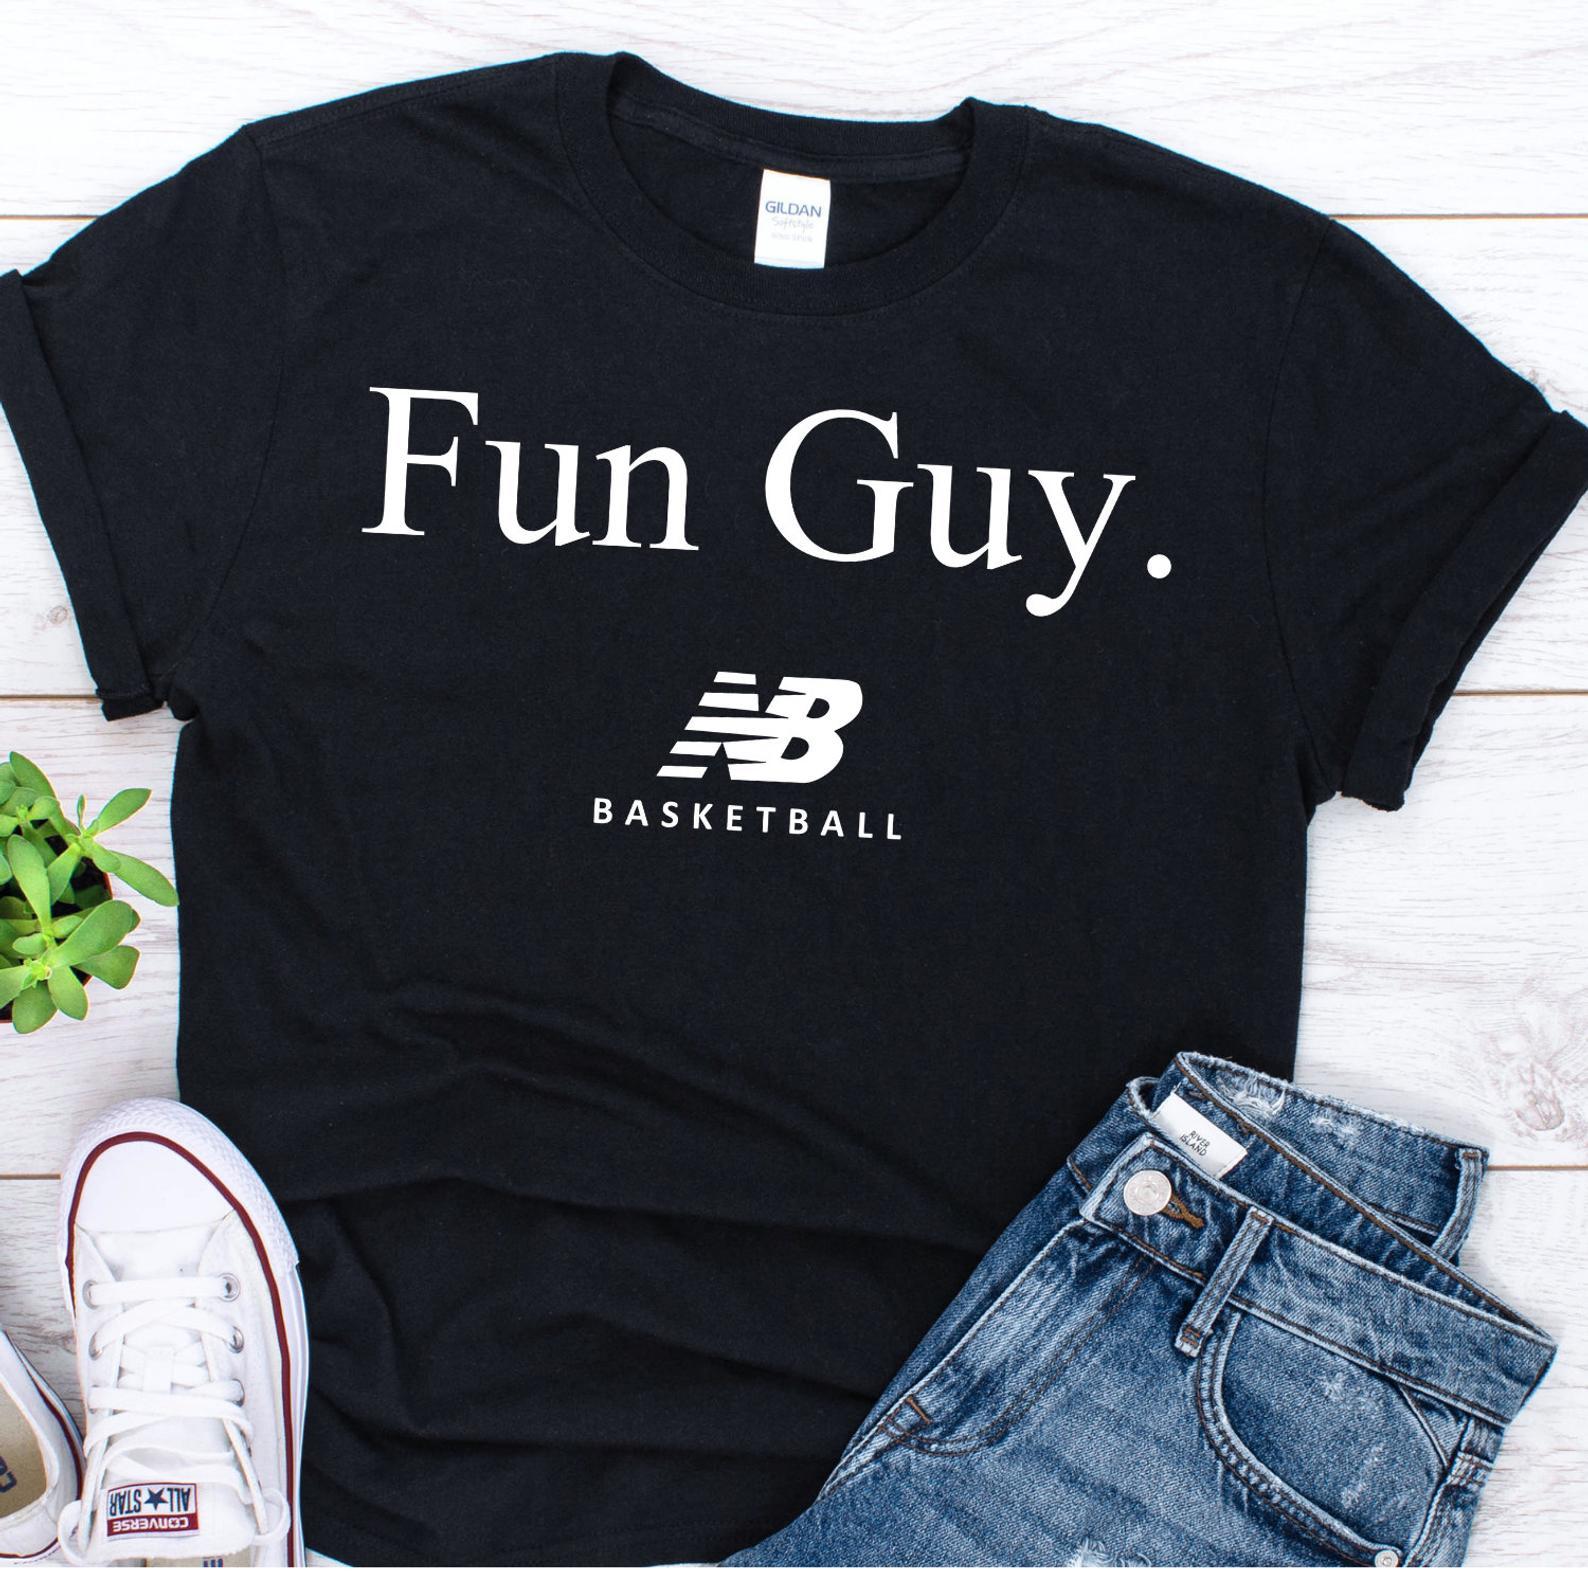 1392dfe96da New Balance Fun Guy Shirt Kawhi Leonard Toronto Raptors T-Shirt